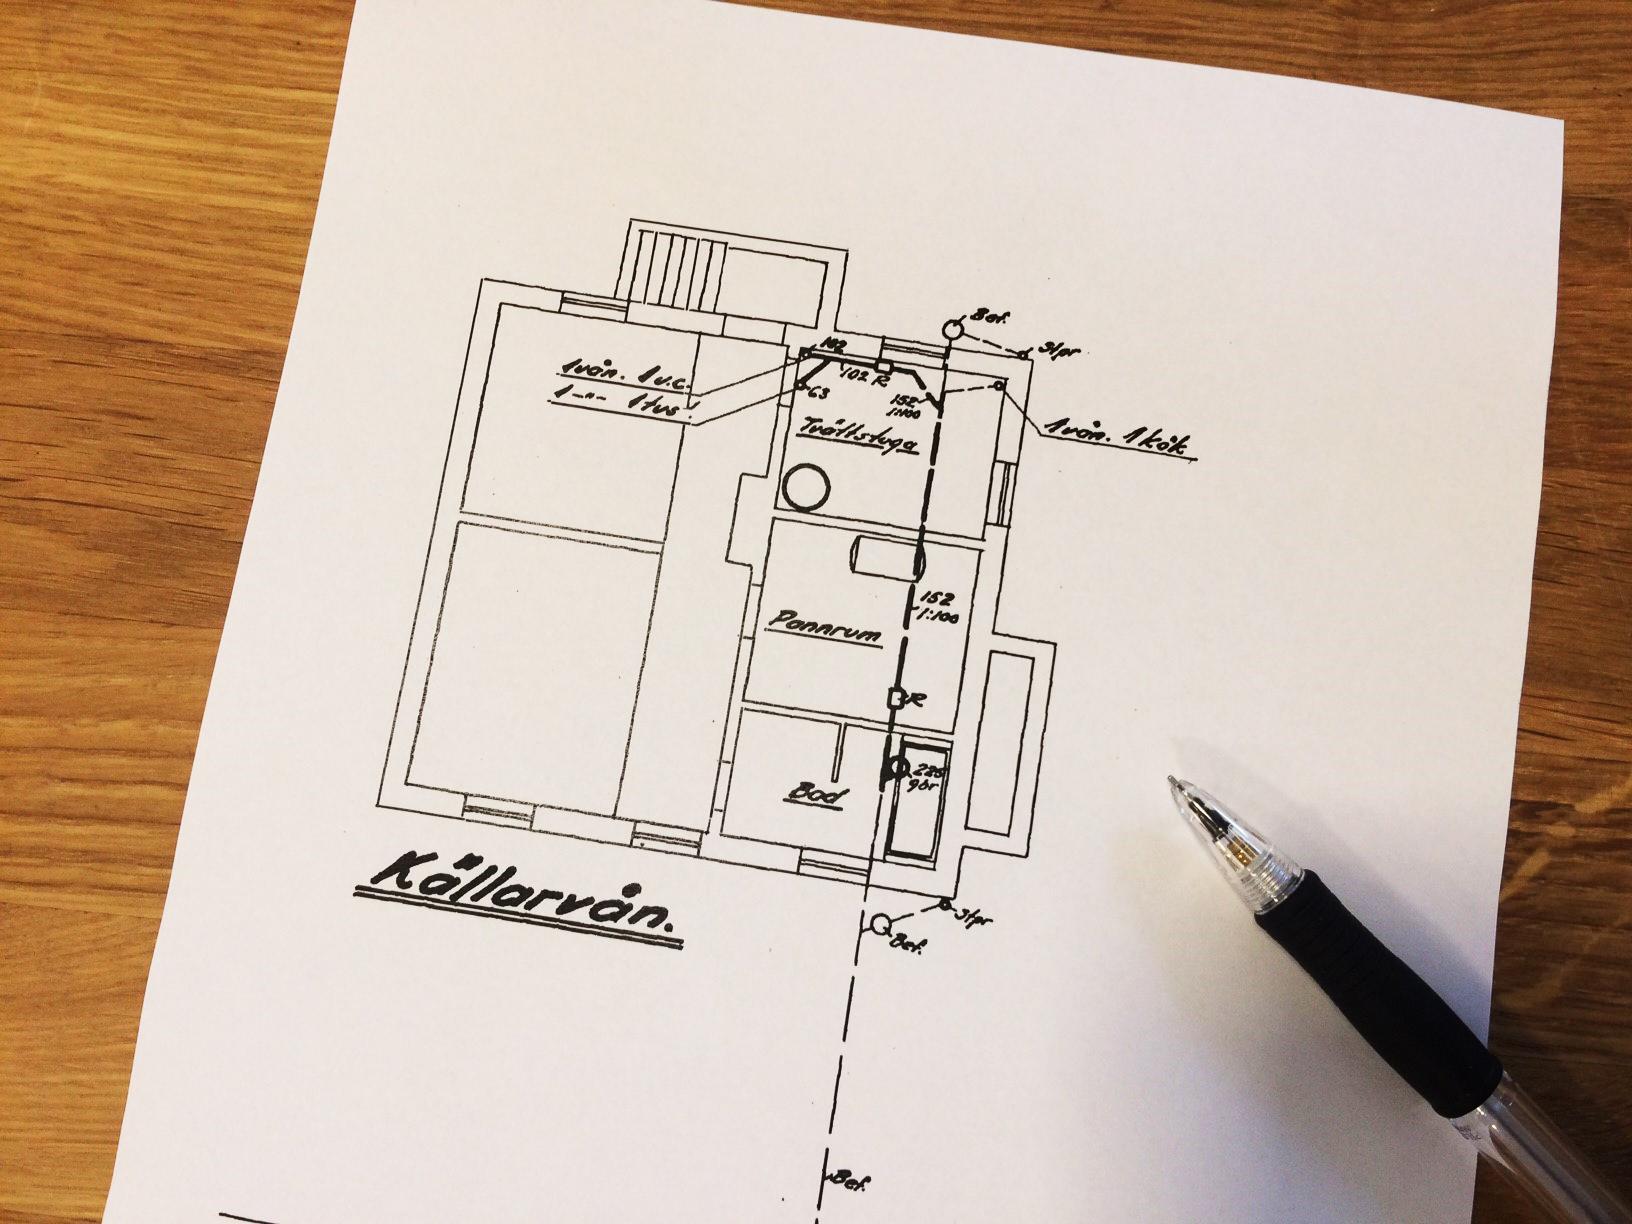 Pappersritning och penna